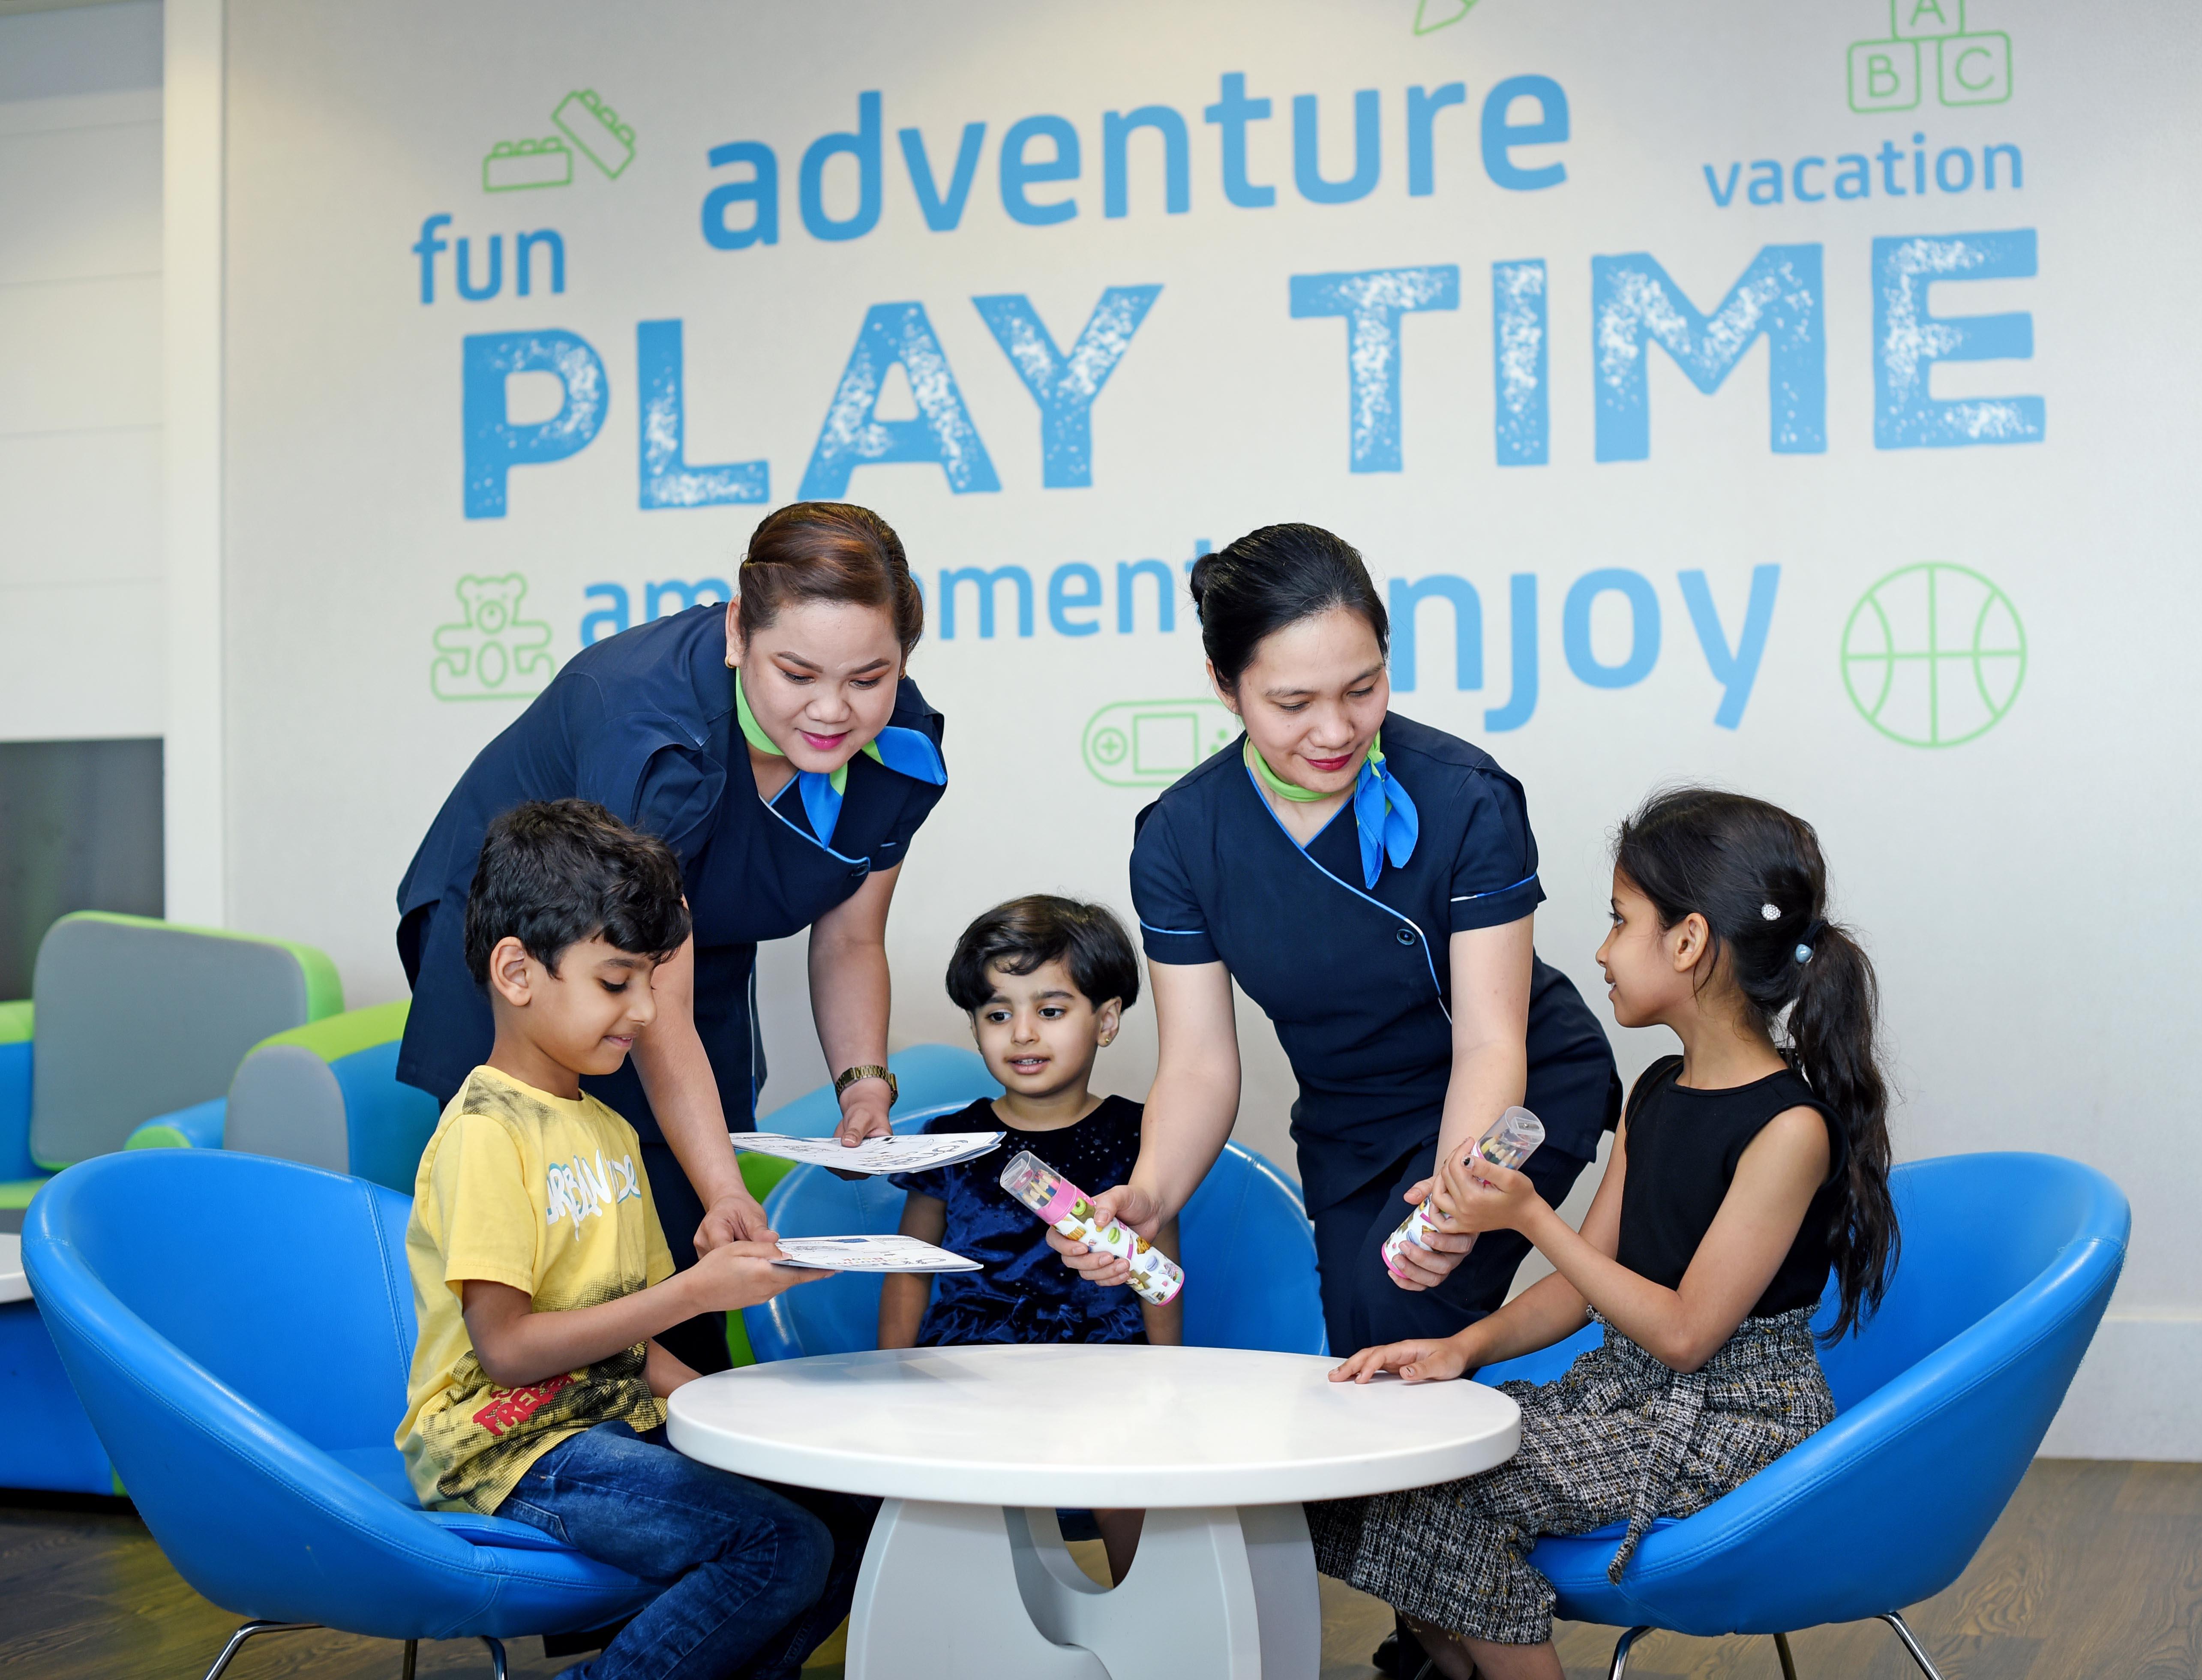 Lufthavnen i Dubai har åbnet en særlig lounge – kun for børn der rejser alene, de såkaldte UM'ere (Unaccompanied Minor). Pressefoto.